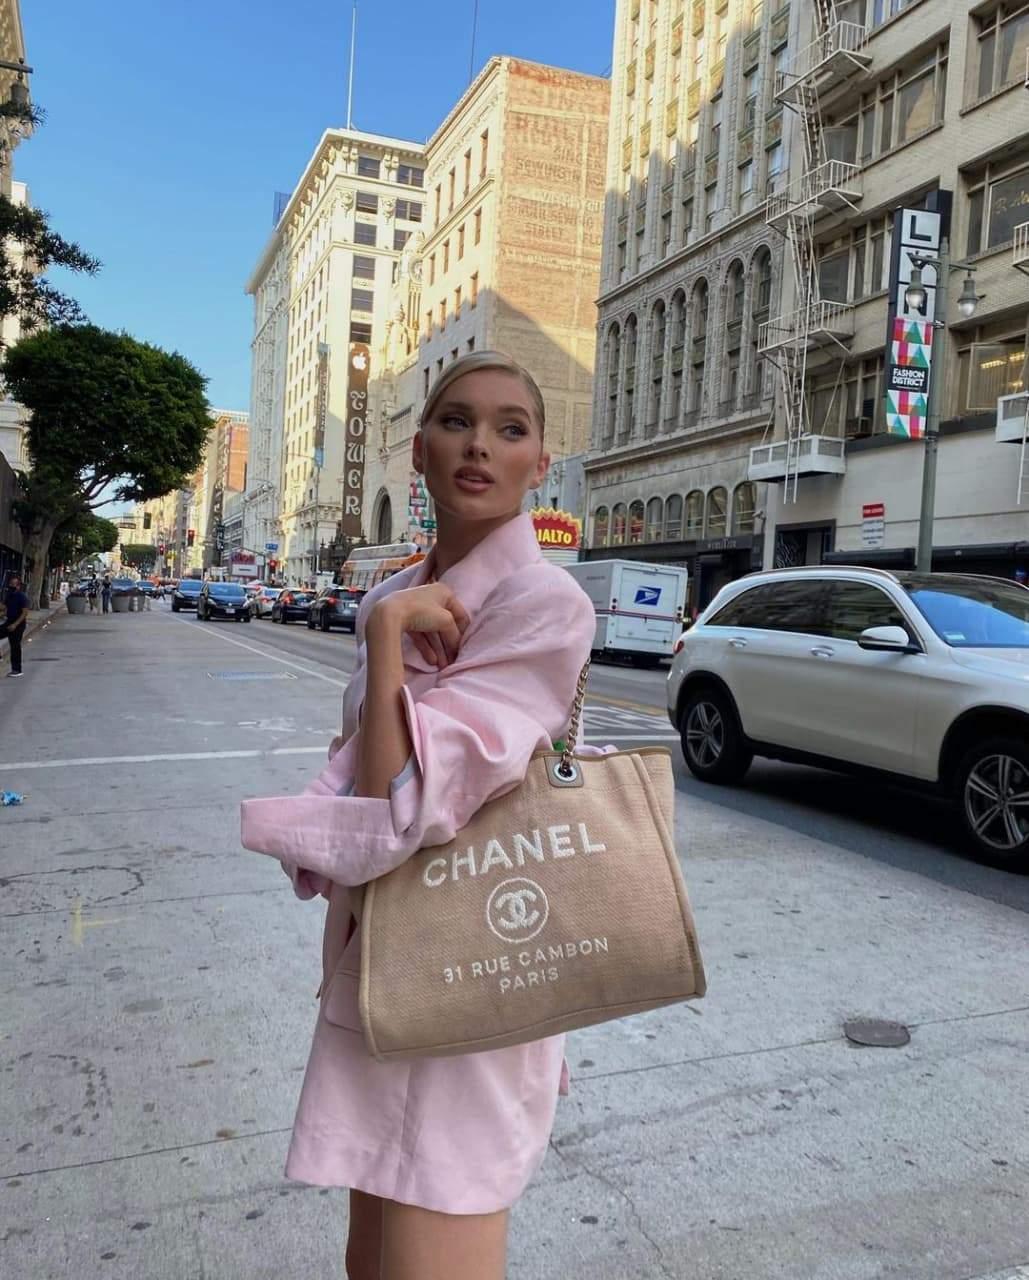 Рожевий образ Ельзи Госк / Фото з інстаграму моделі